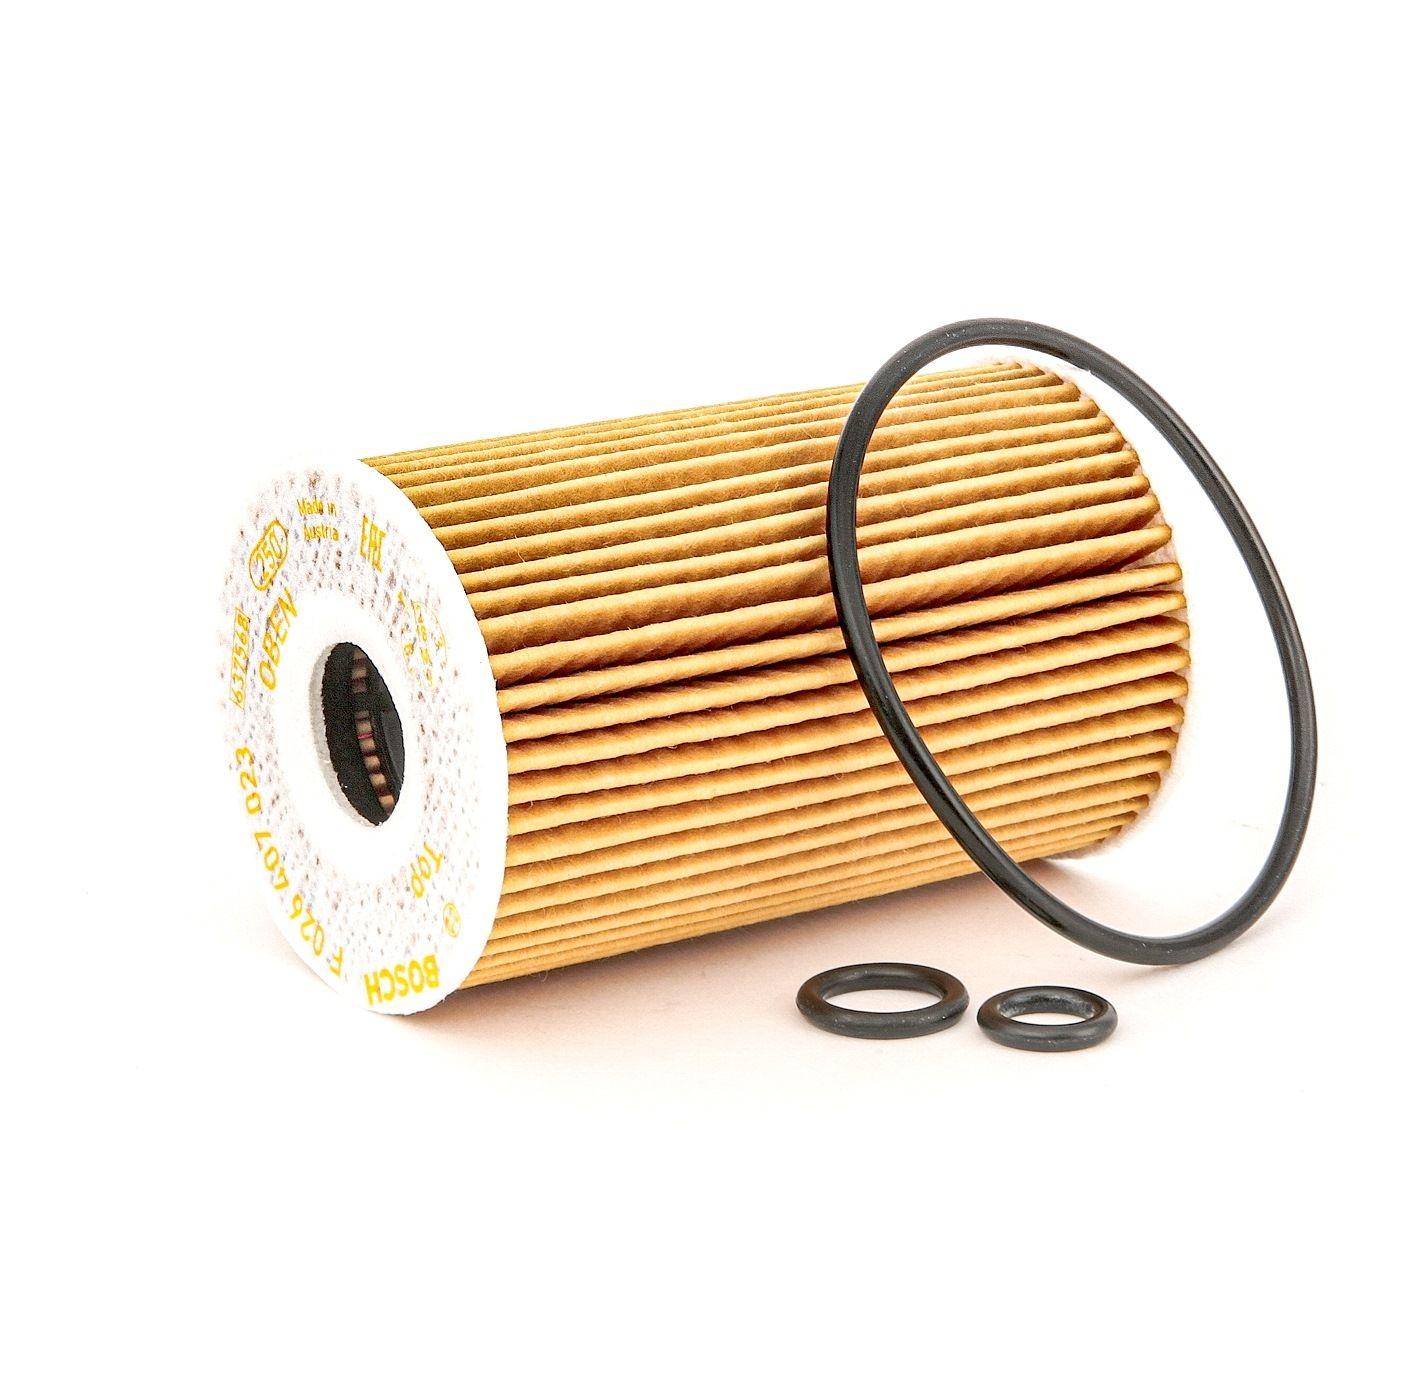 Achetez Filtre à huile BOSCH F 026 407 023 (Ø: 65mm, Hauteur: 101mm) à un rapport qualité-prix exceptionnel